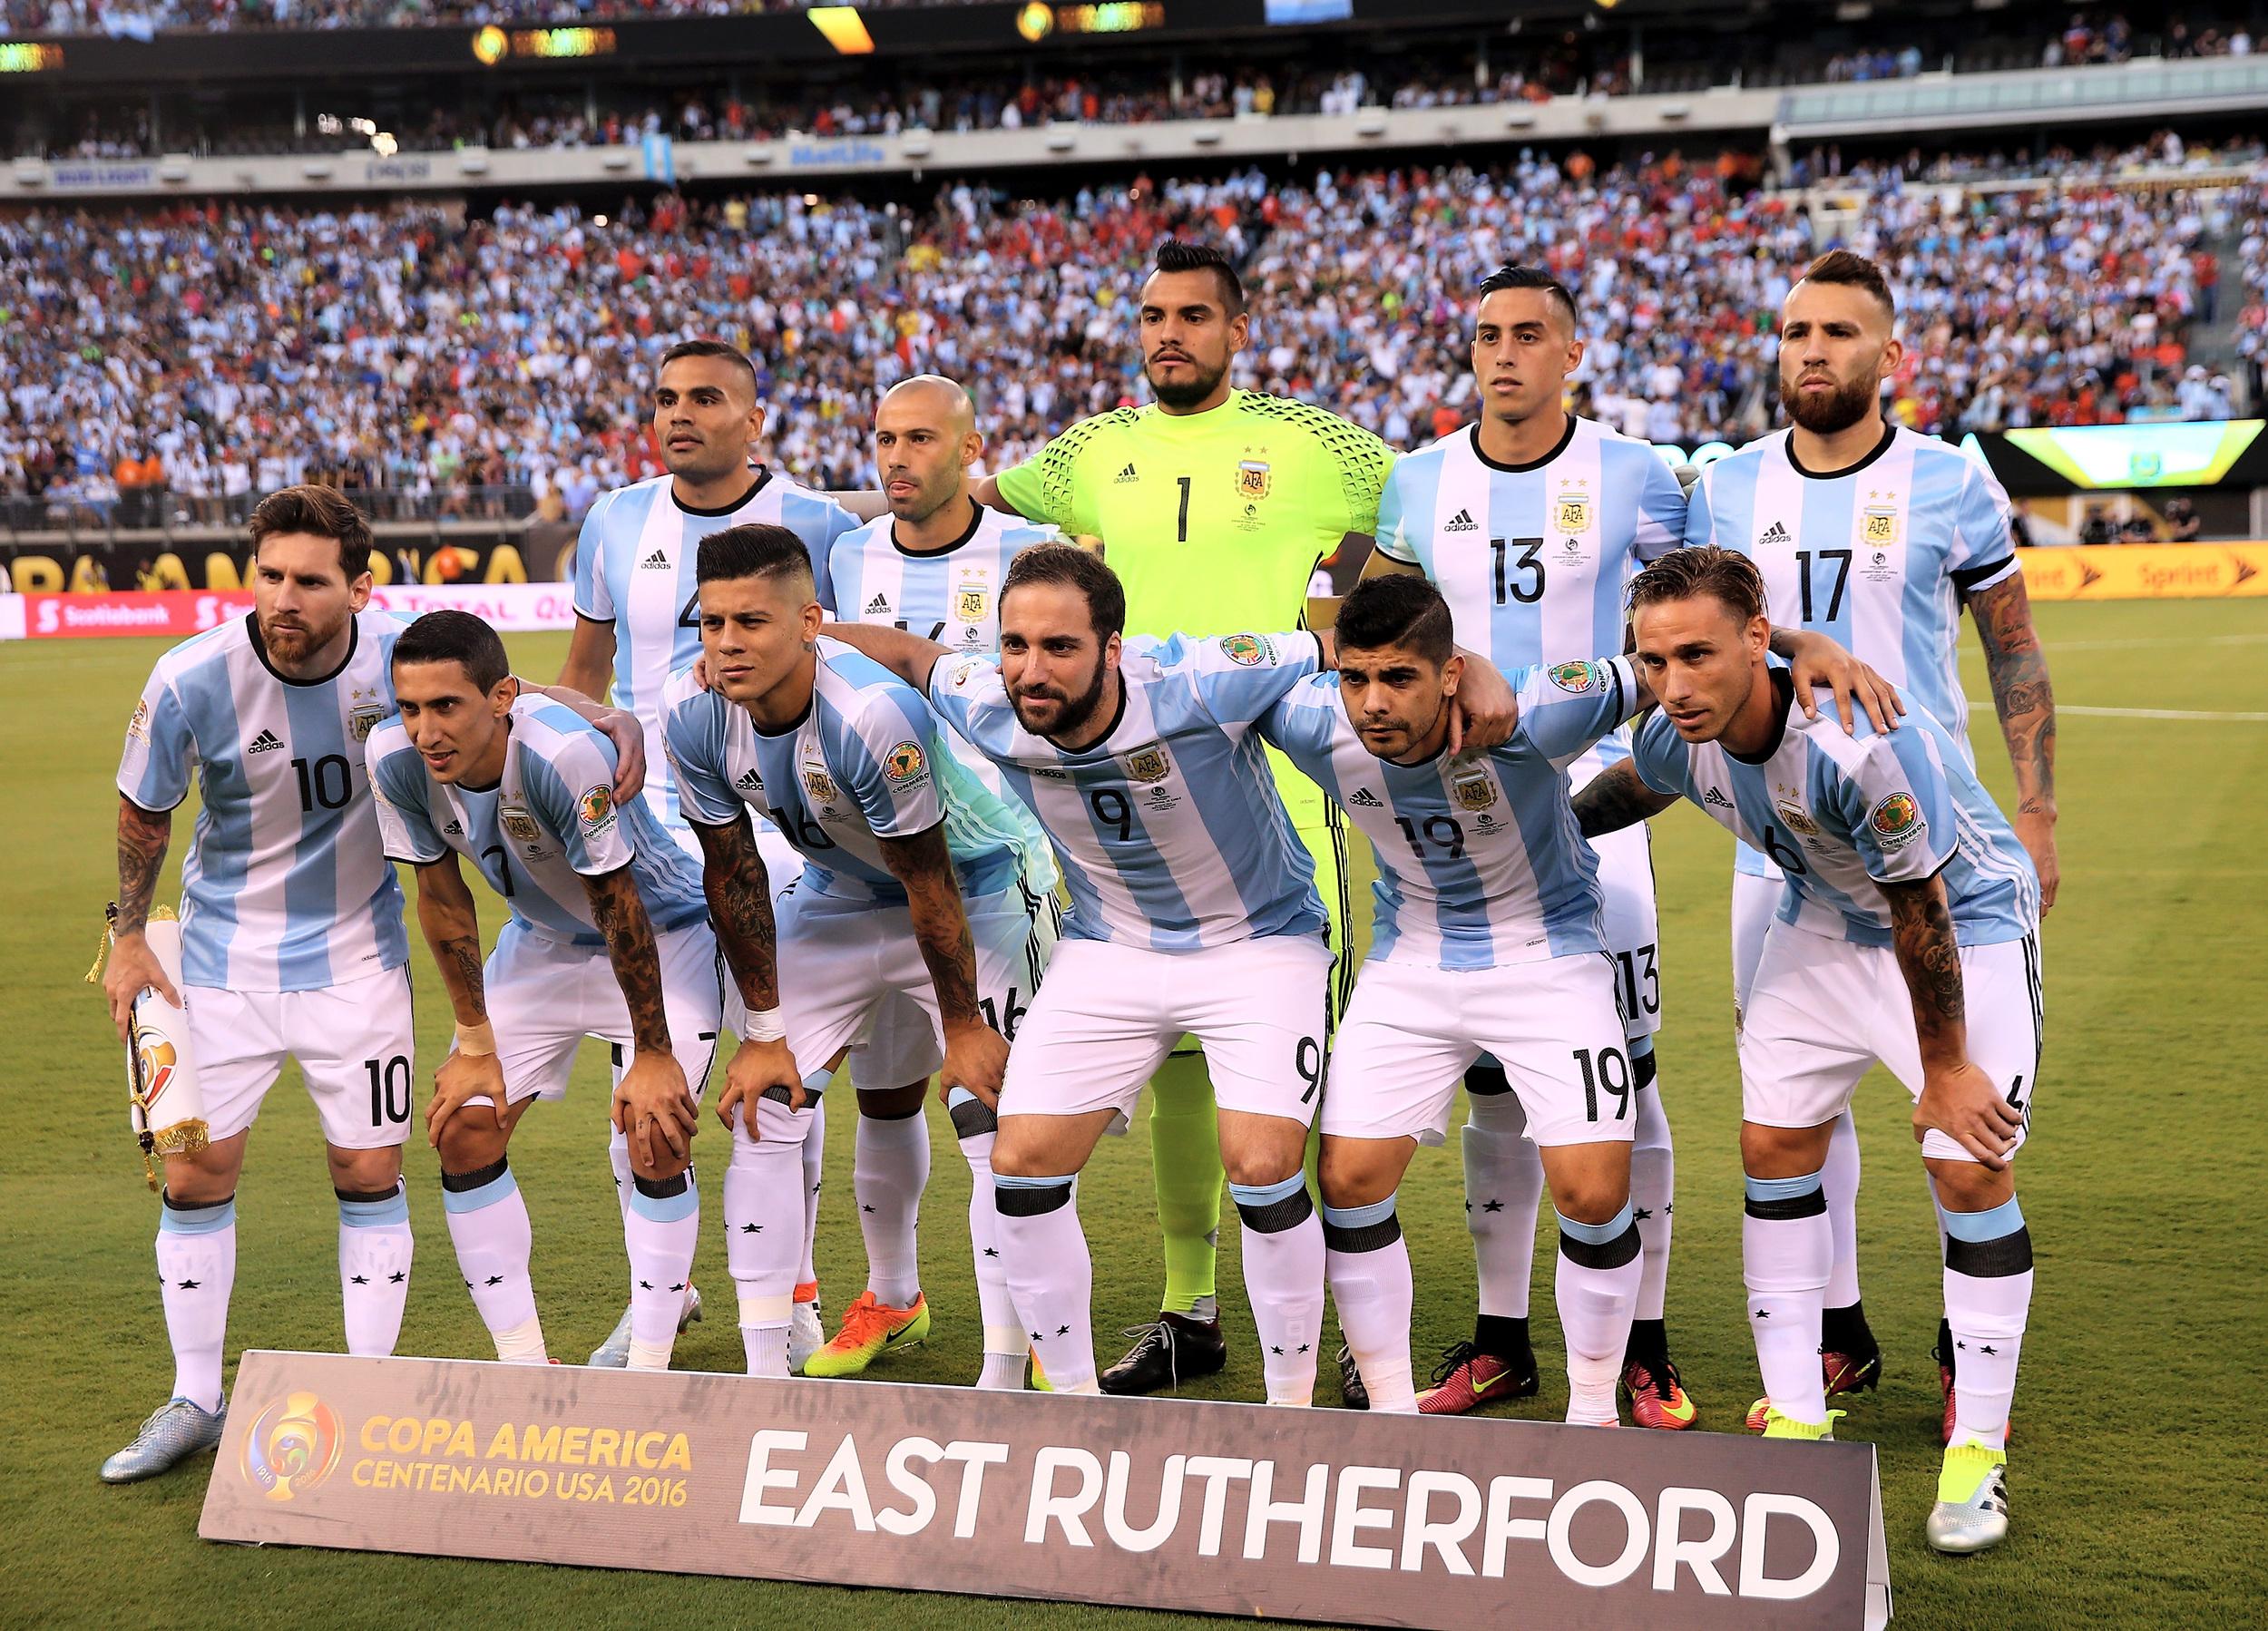 Der er forlydender om at flere af de argentinske spillere vil stoppe på landsholdet efter Copa America. Foto: Getty Images/Elsa